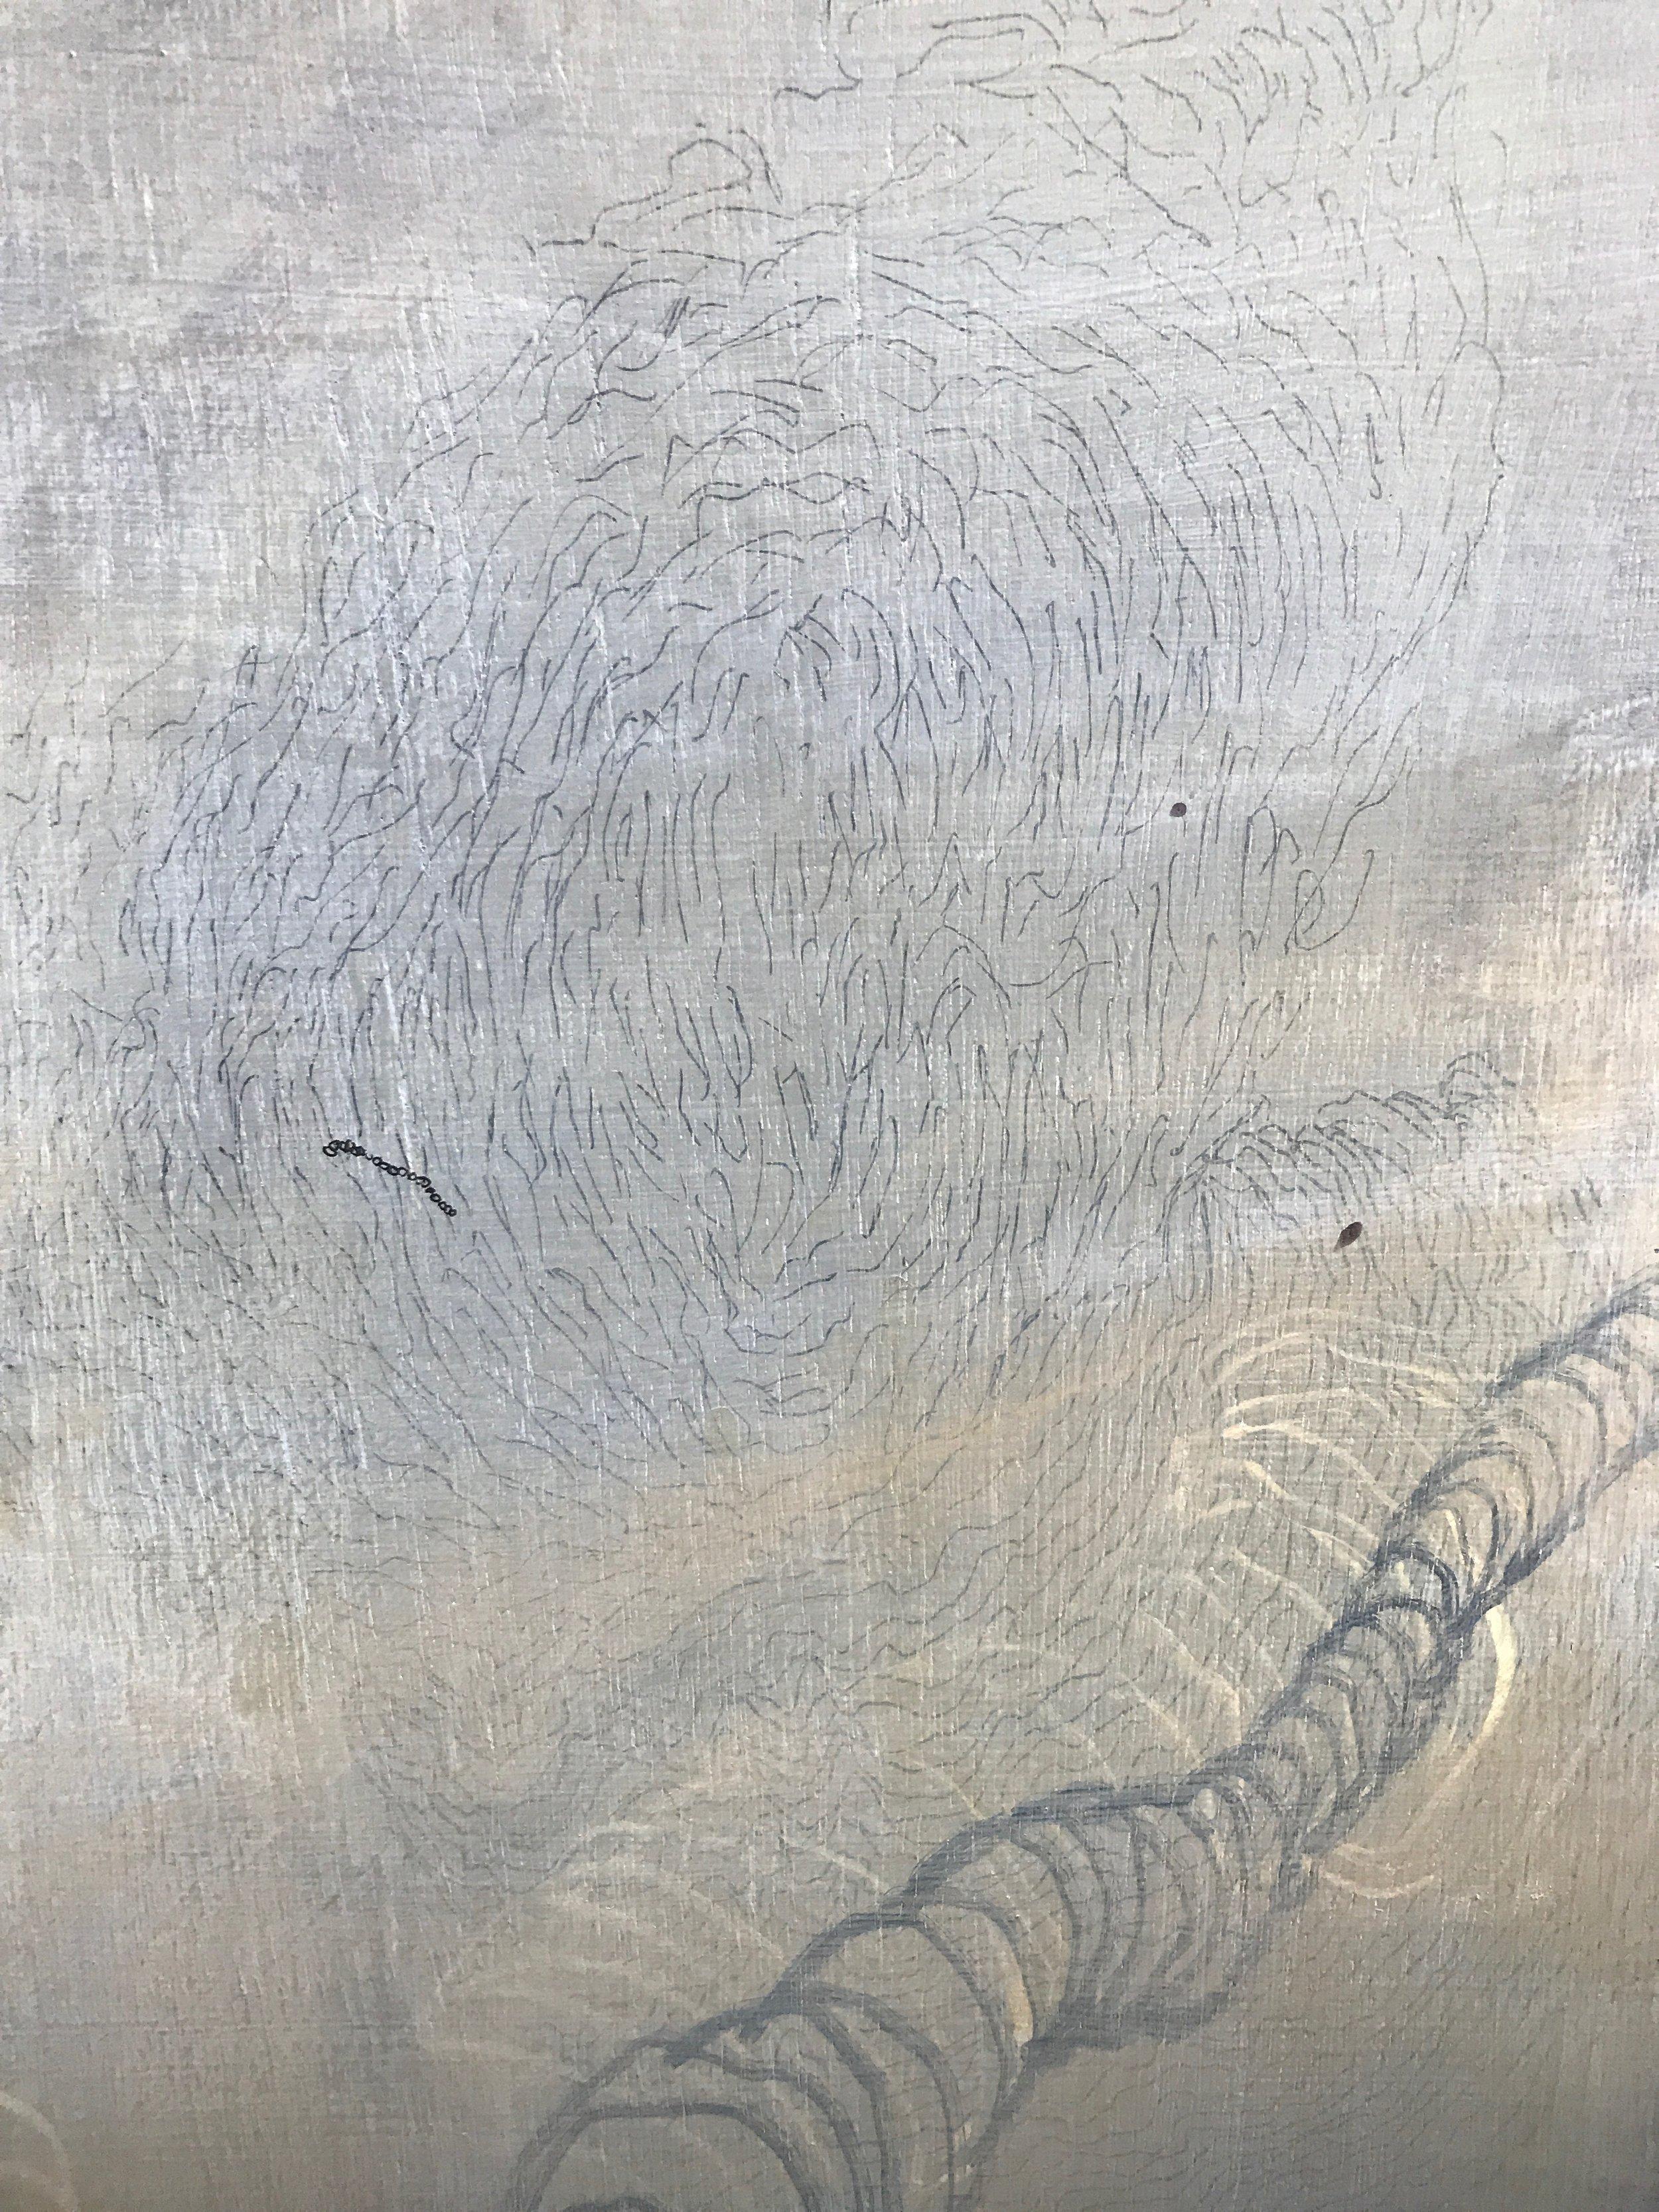 Conundrum twist- detail